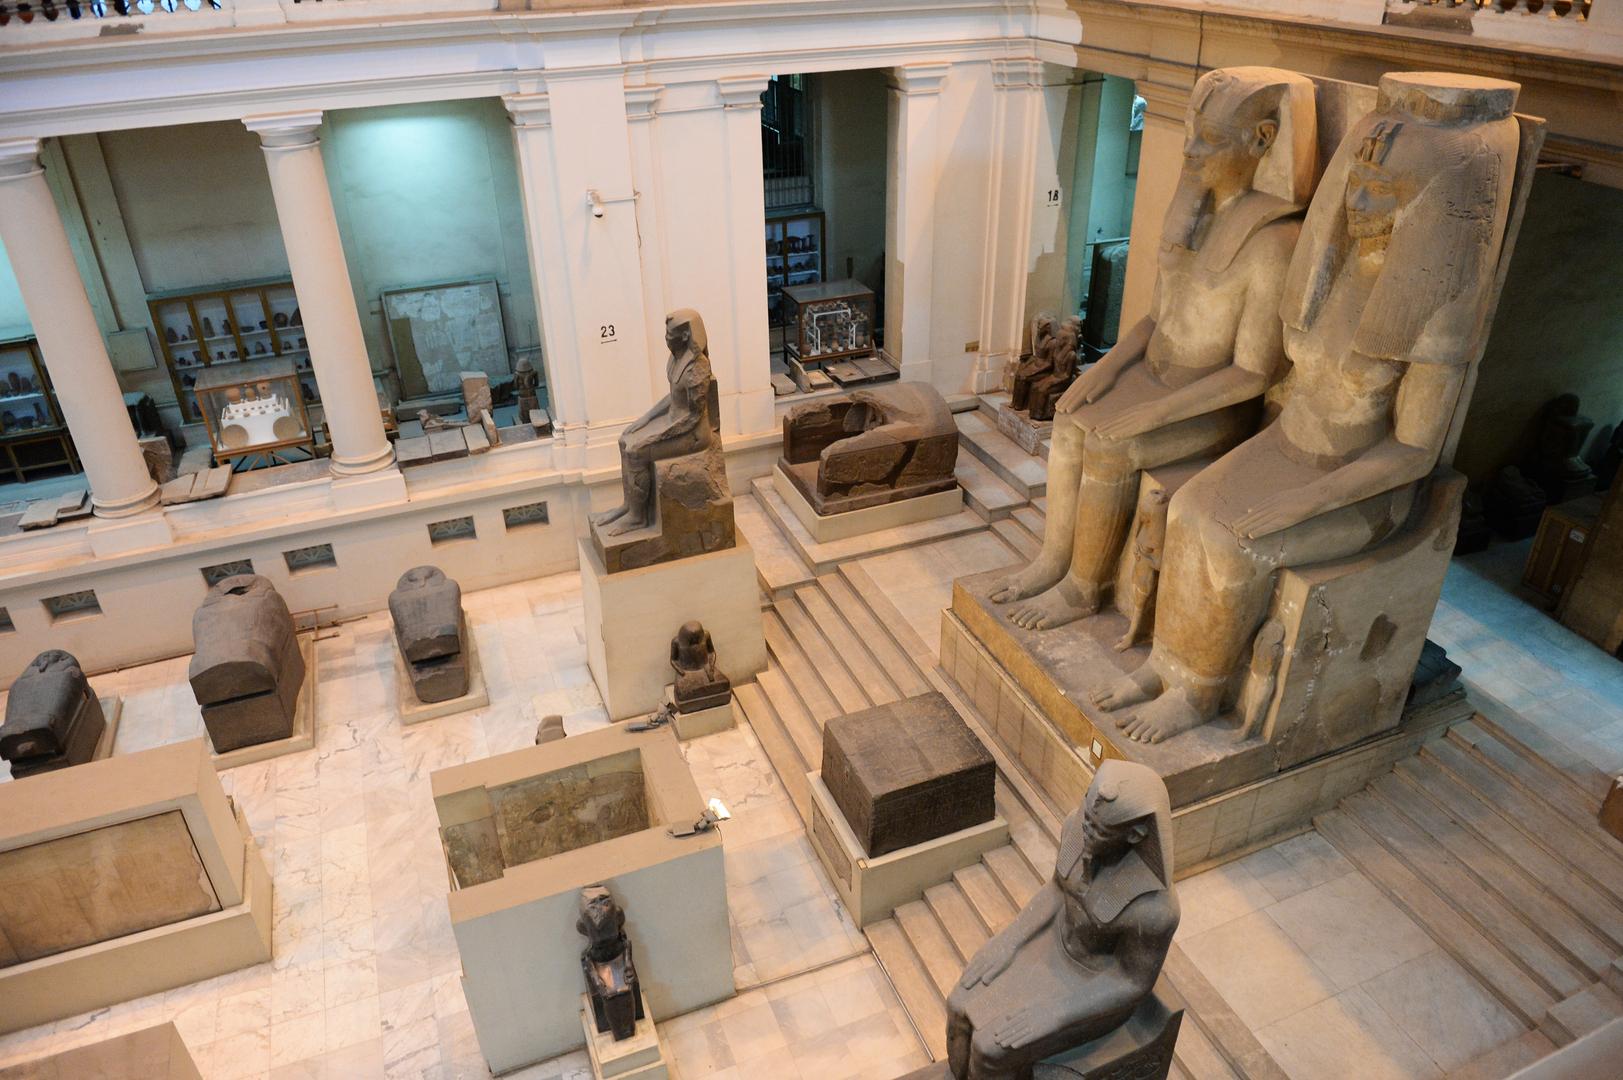 الكشف عن مافيا عالمية لسرقة ثروات مصر